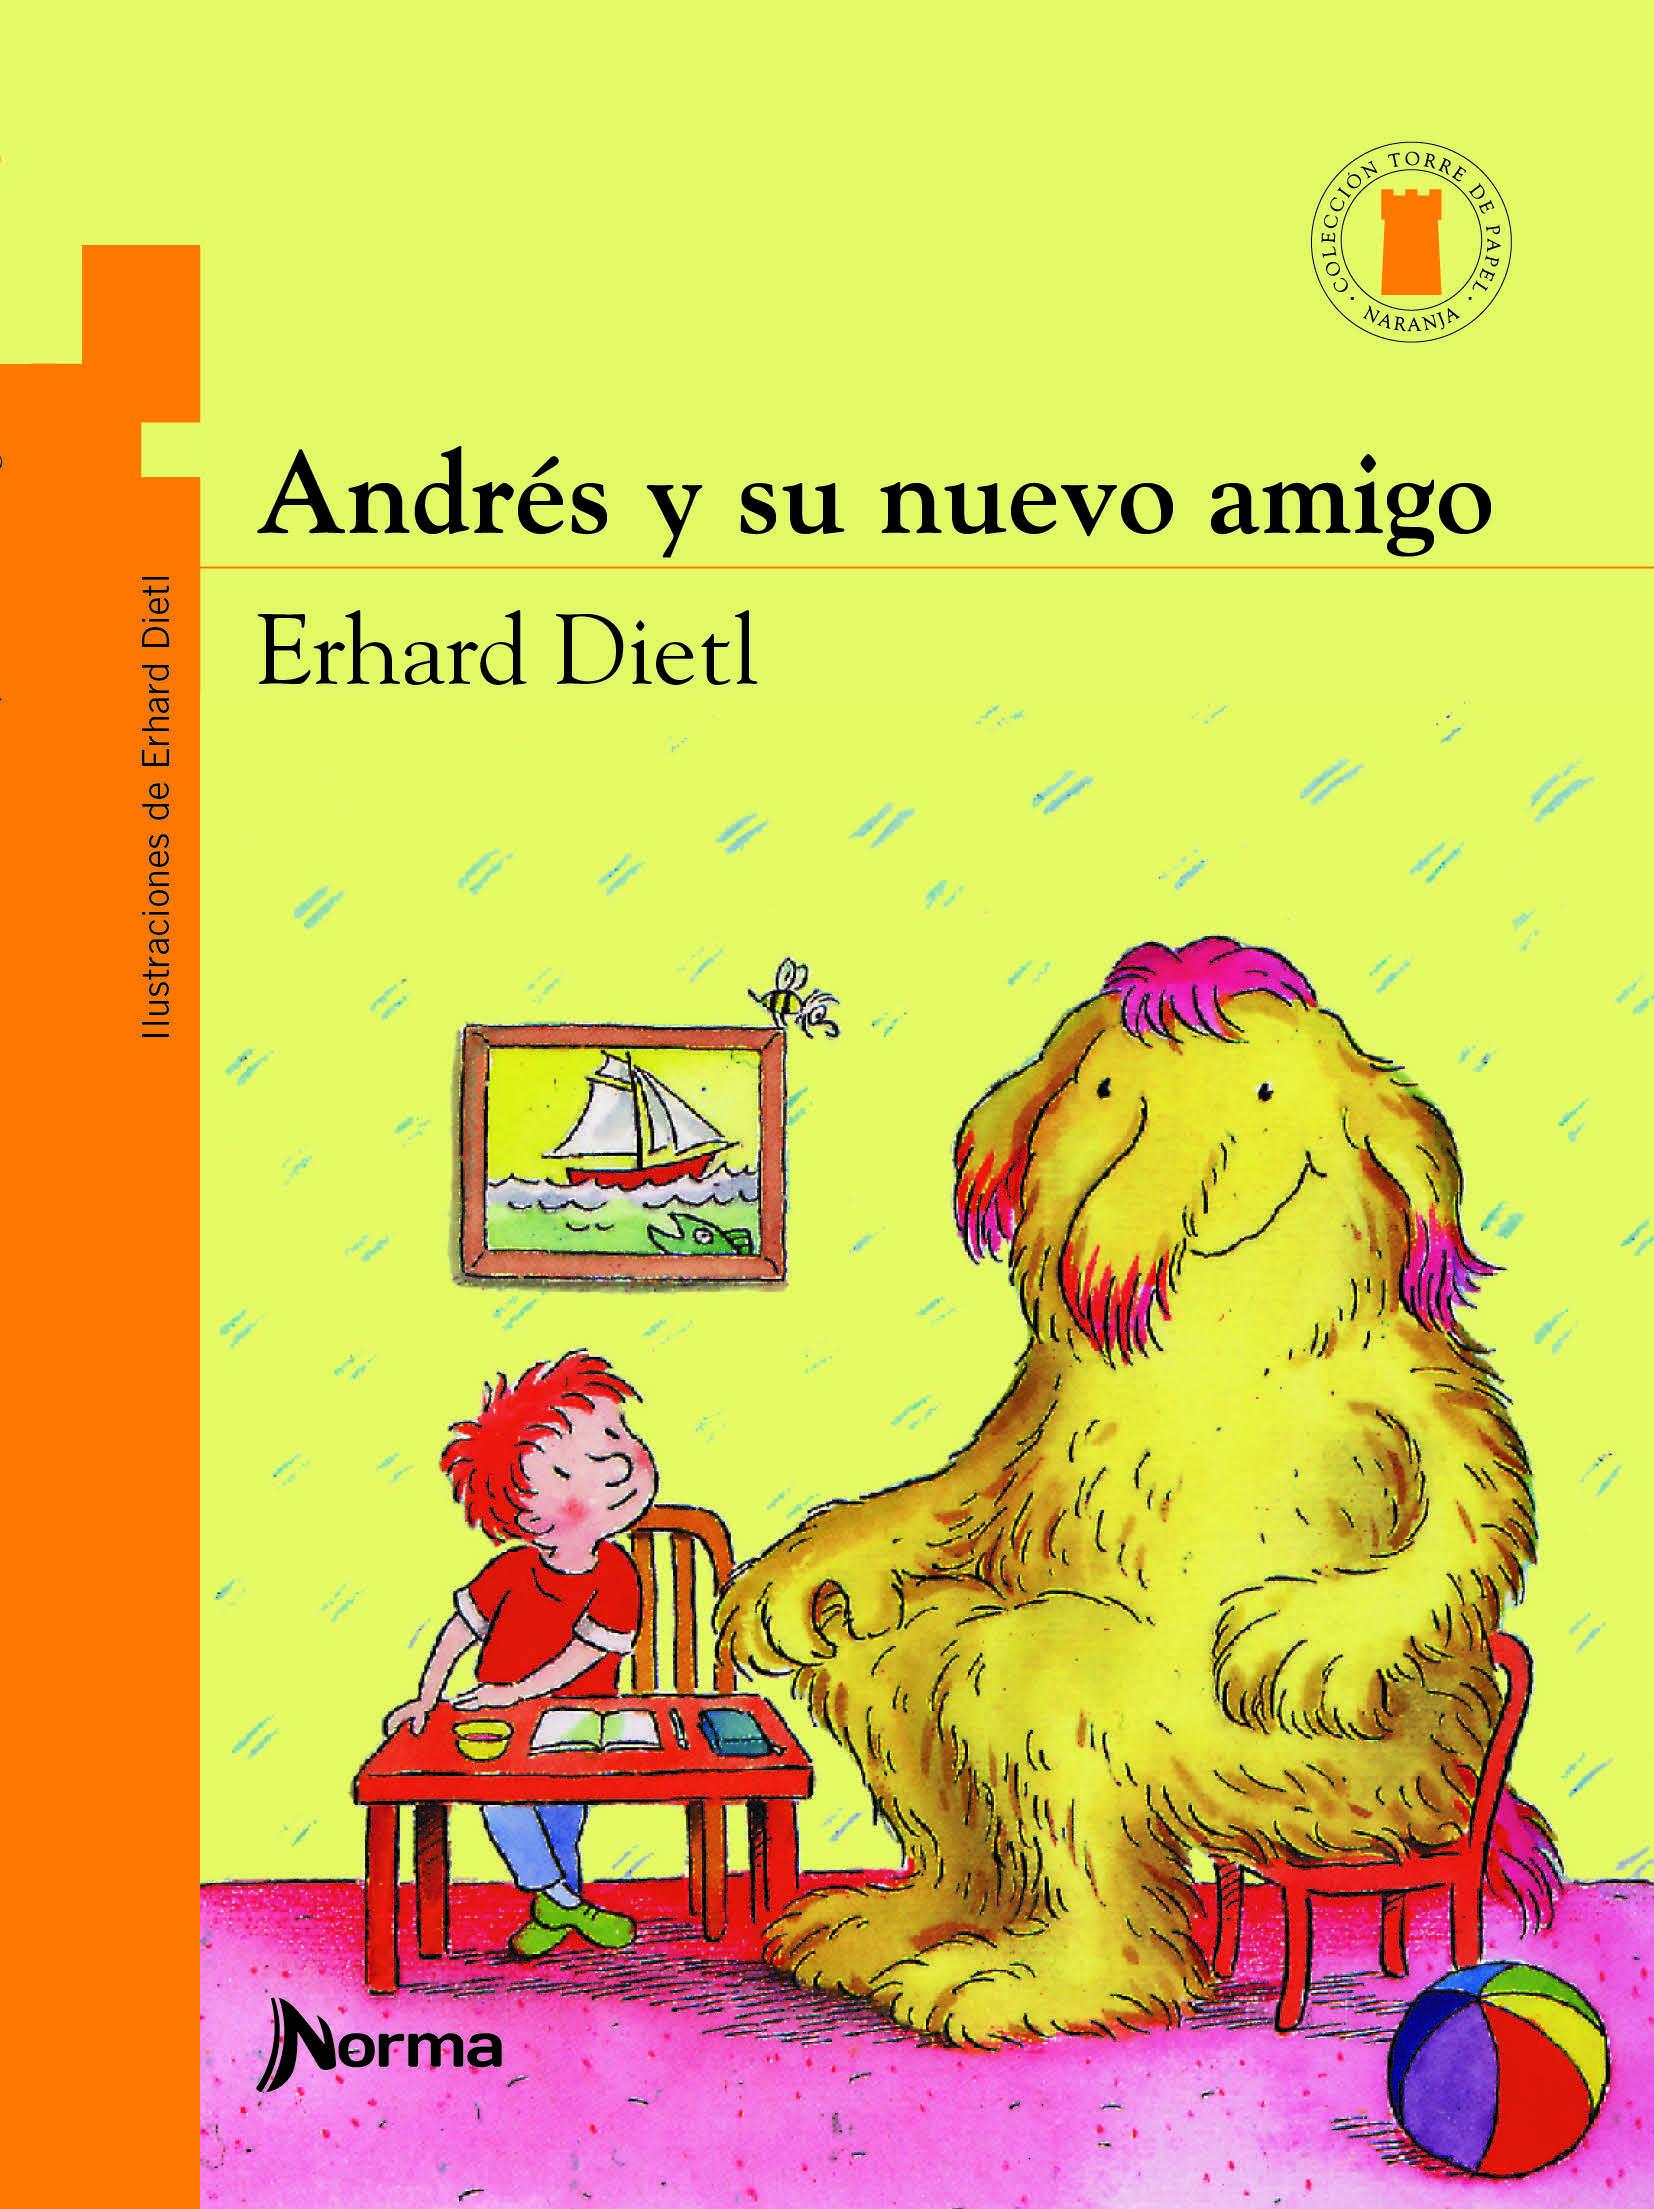 Andrés y su nuevo amigo